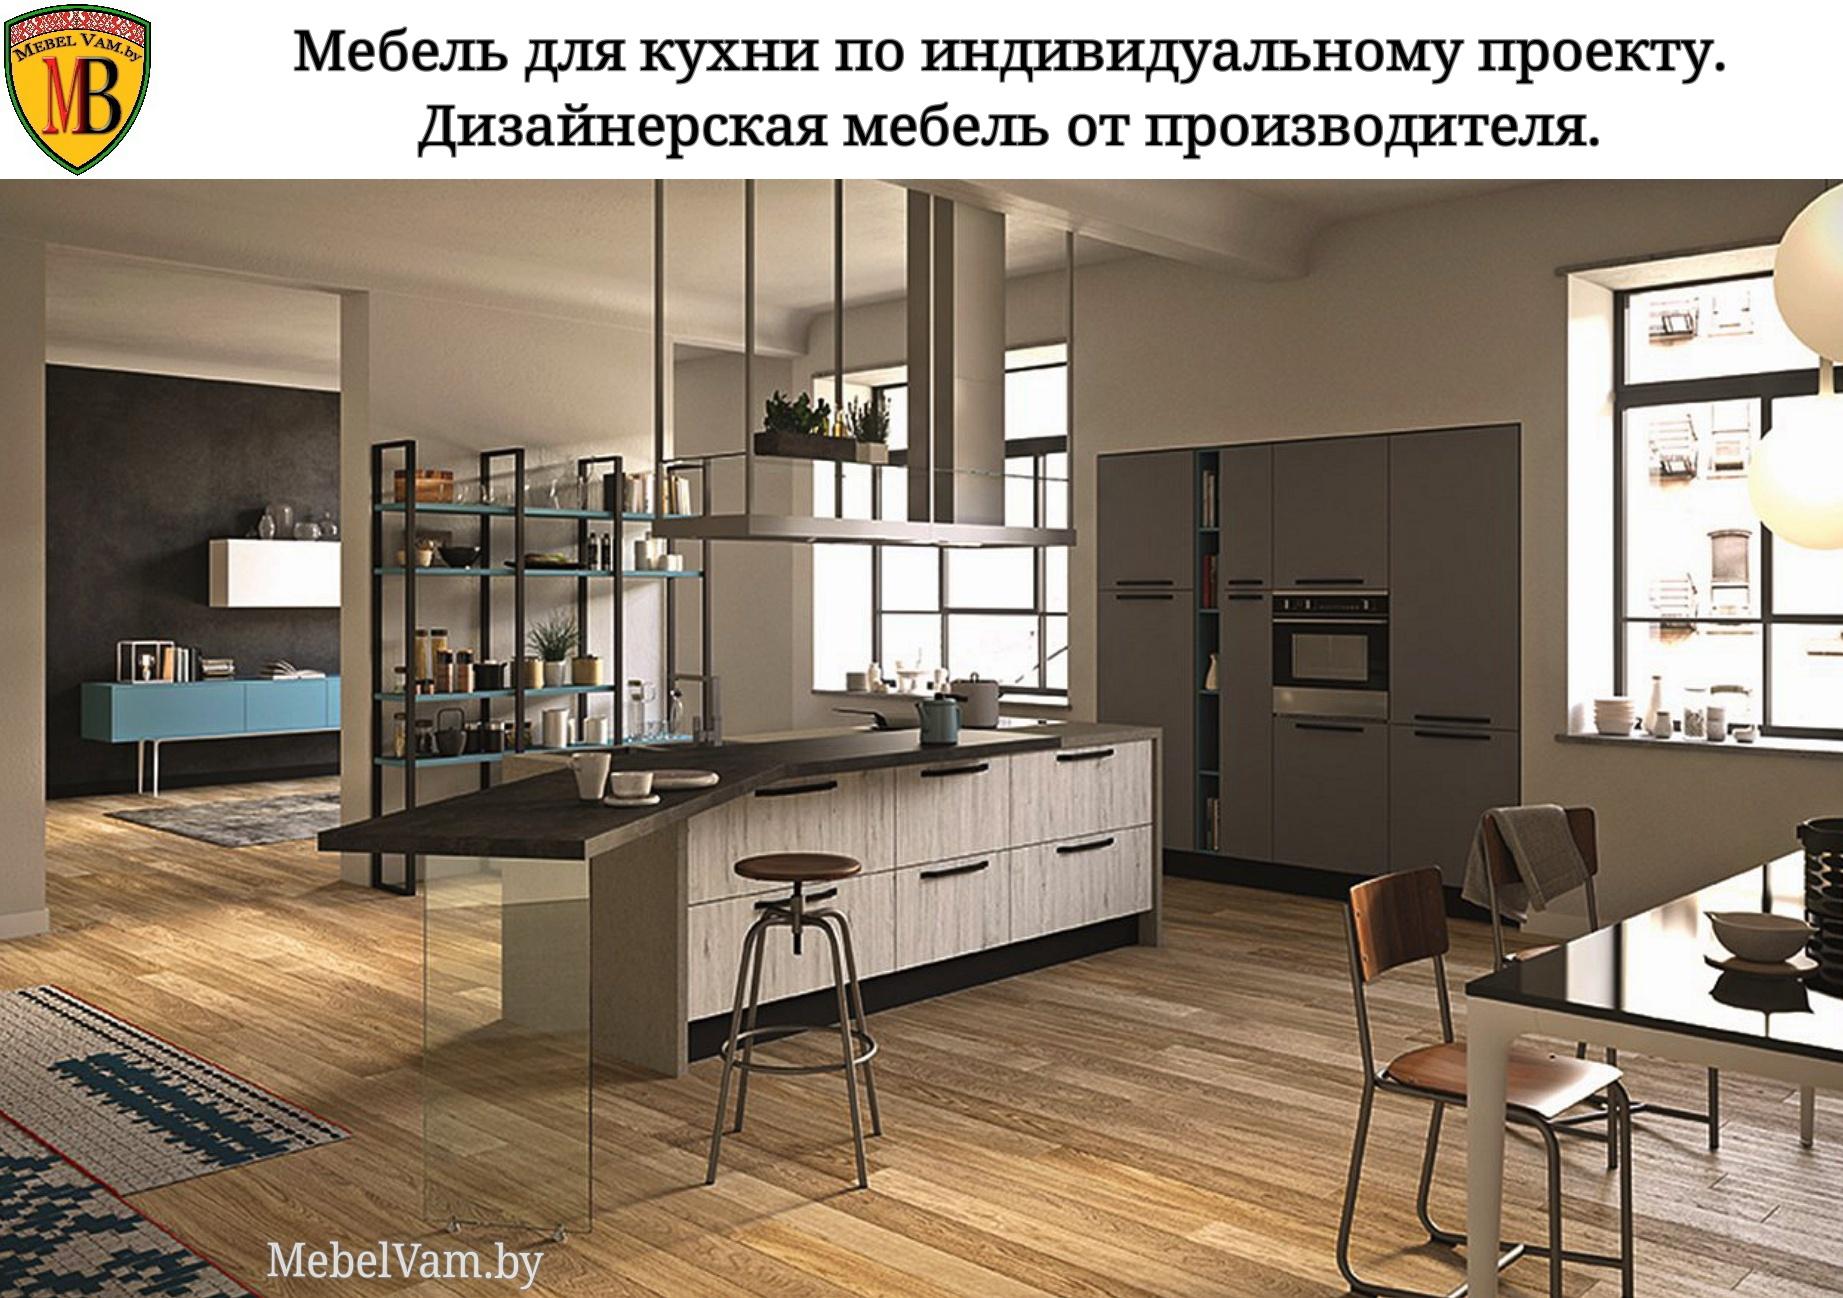 Кухня Студия Лофт фото